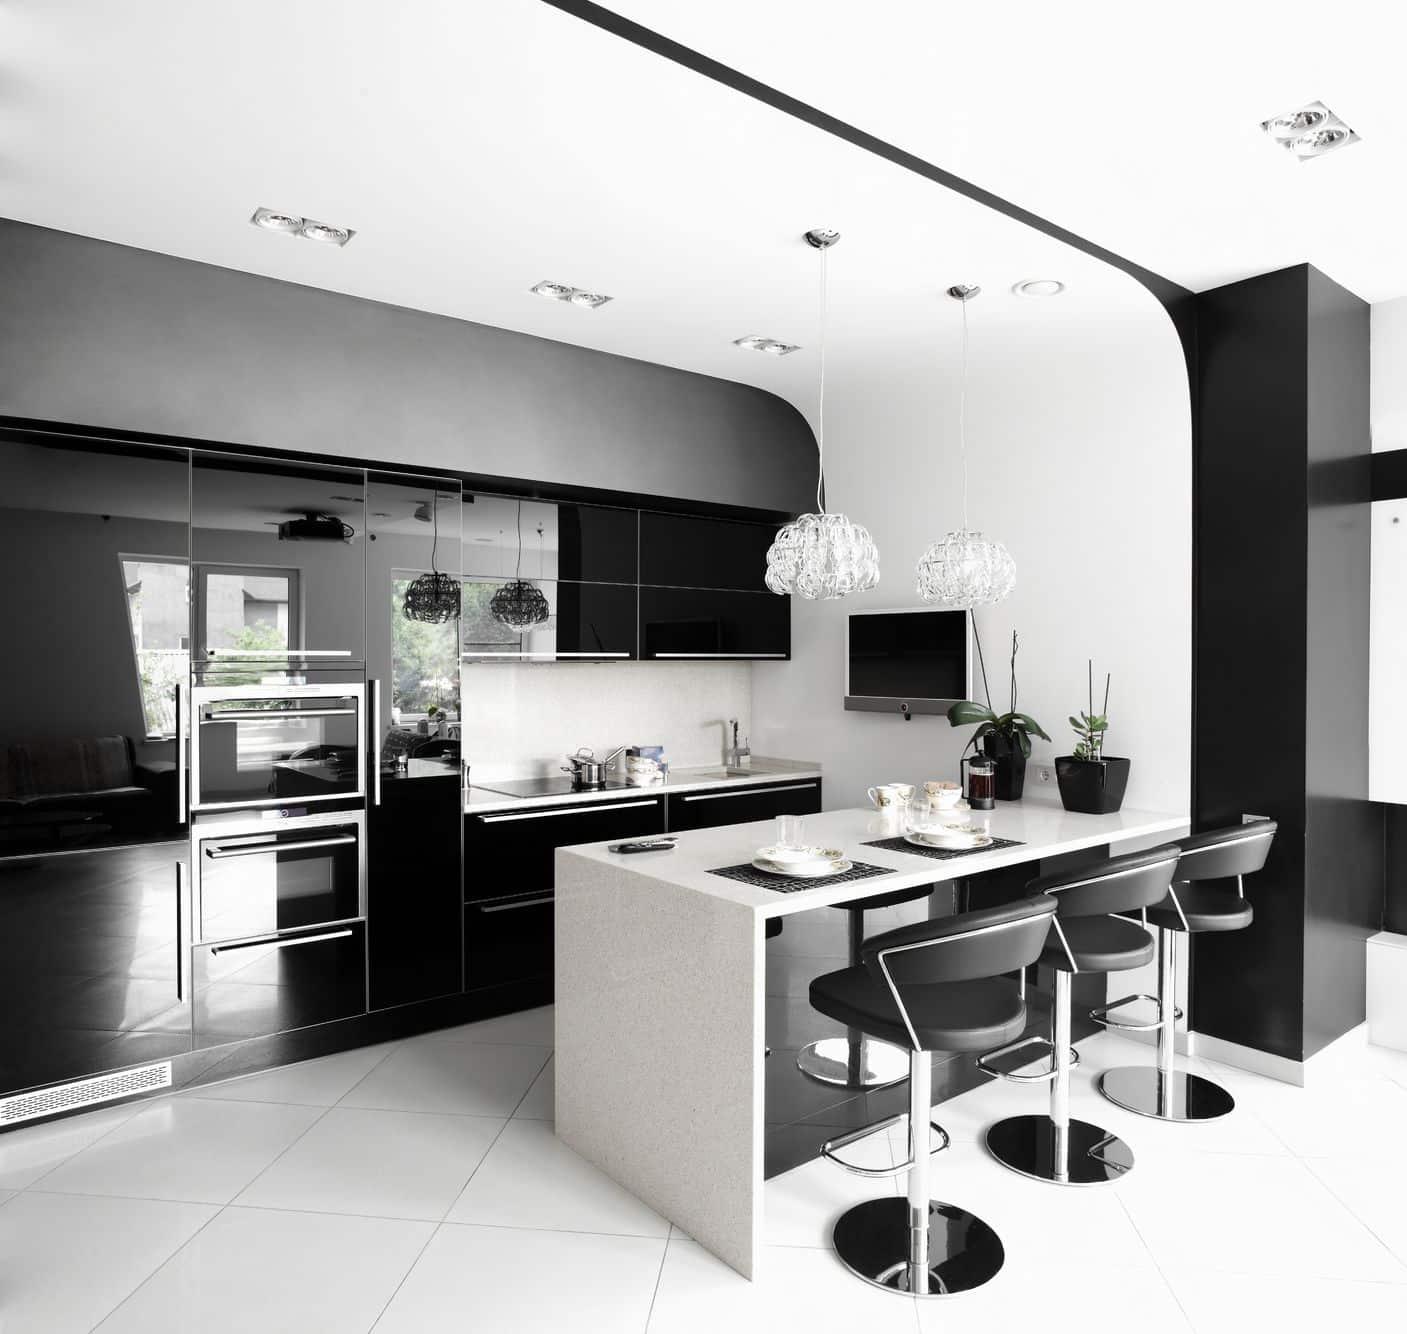 עיצוב מטבחים דגם יוקרתי בסגנון מודרני